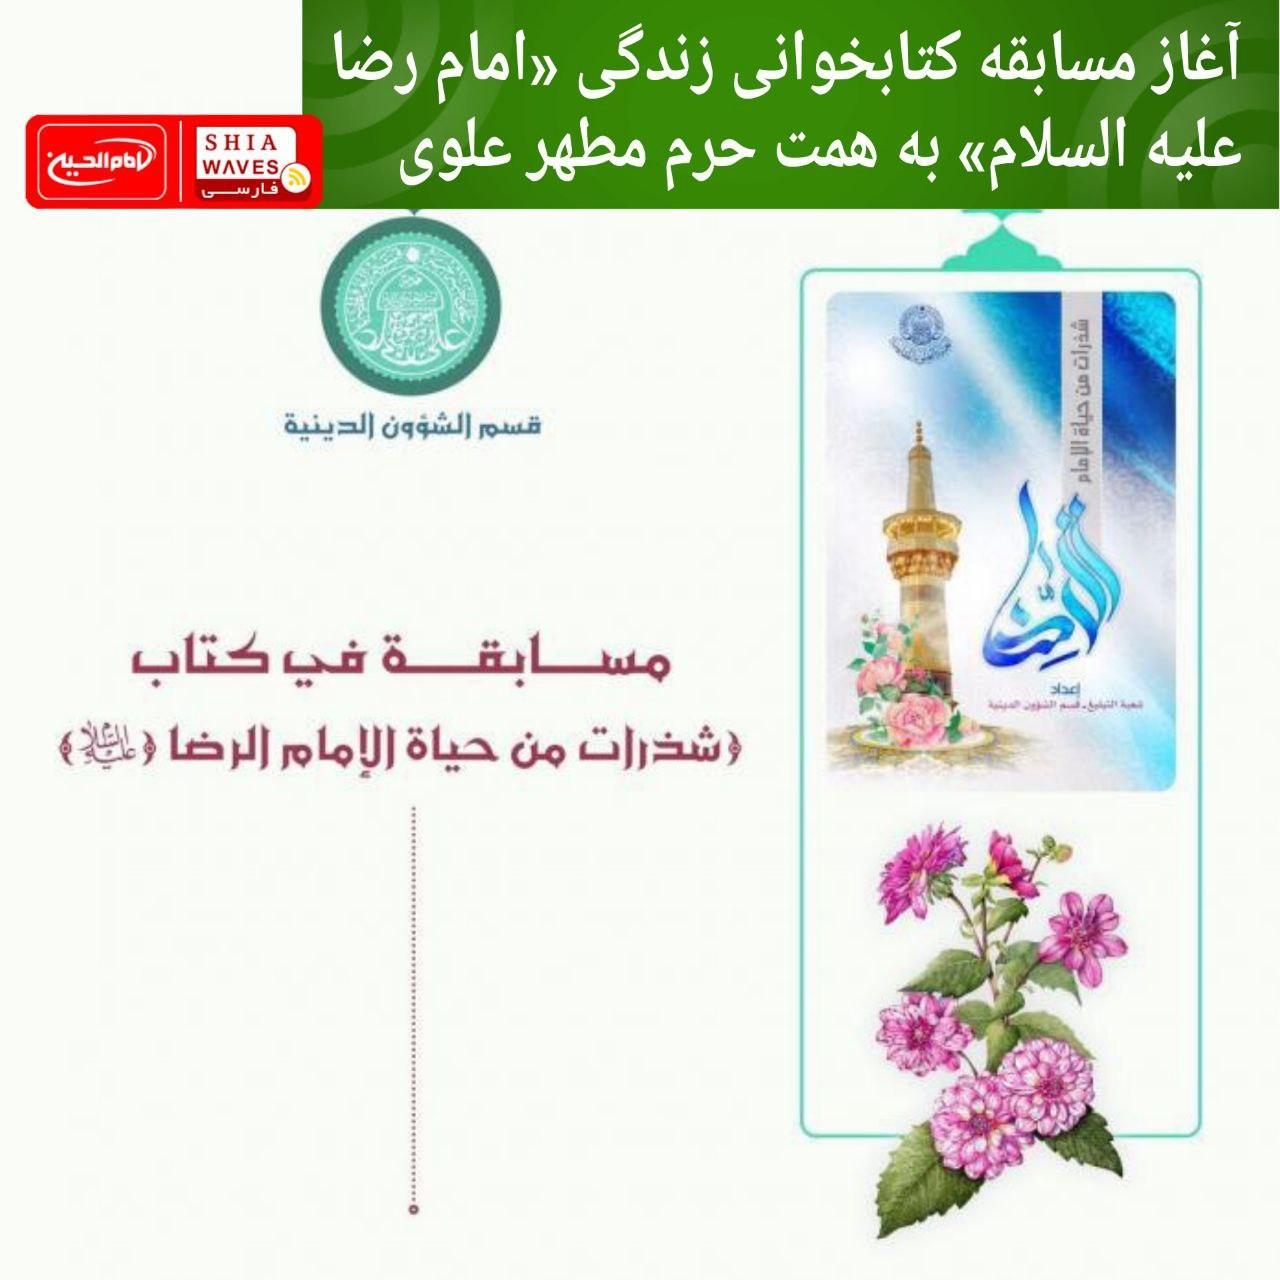 تصویر آغاز مسابقه کتابخوانی زندگی امام رضا علیه السلام به همت حرم مطهر علوی